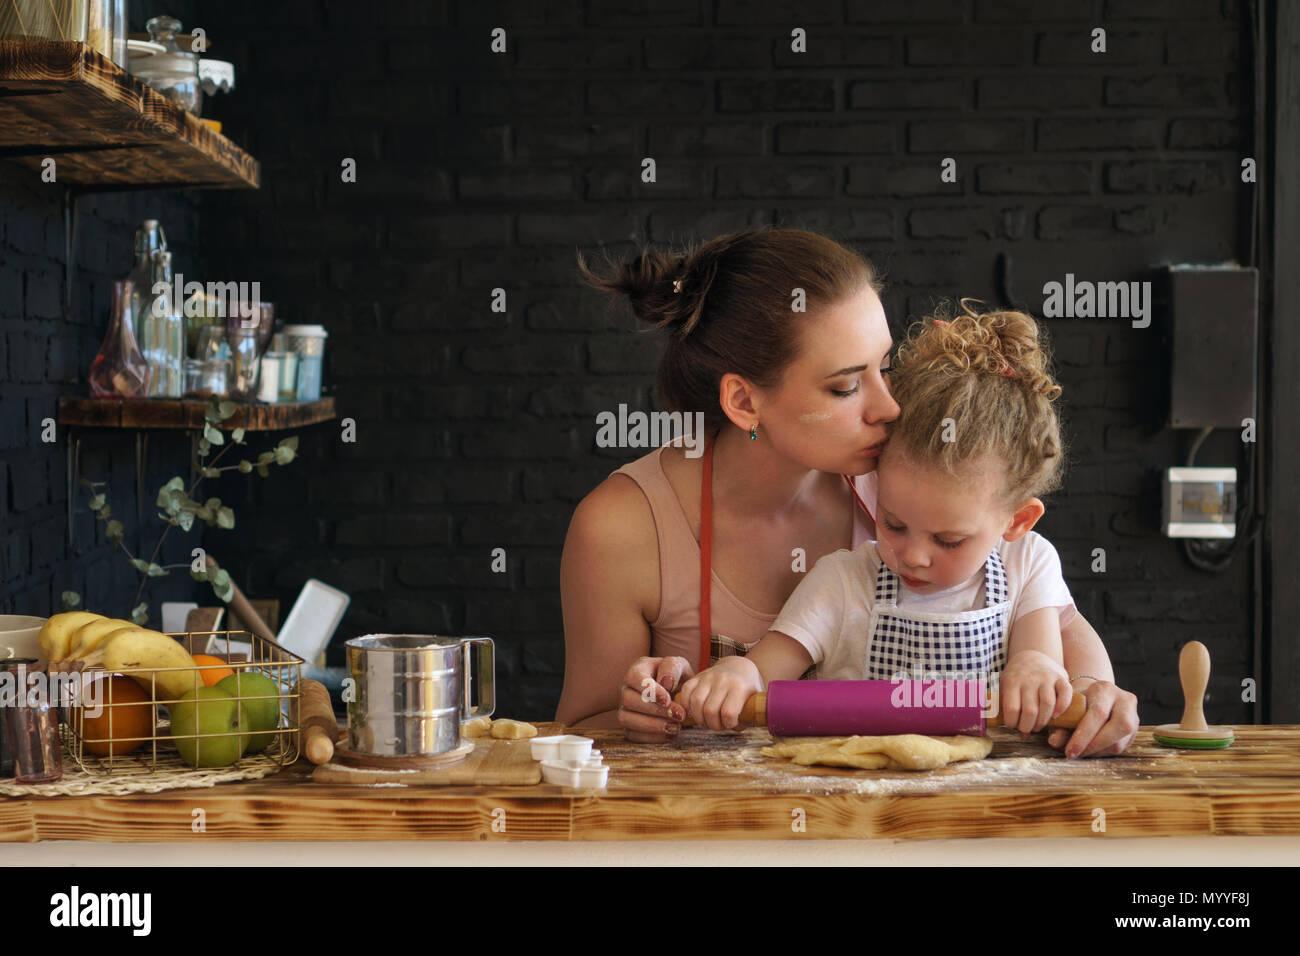 Giovane madre e figlia preparare i cookie in cucina. Essi sono in grembiuli. Bambina rotoli di pasta con il mattarello. Baci madre bambino, incoraggiando Immagini Stock